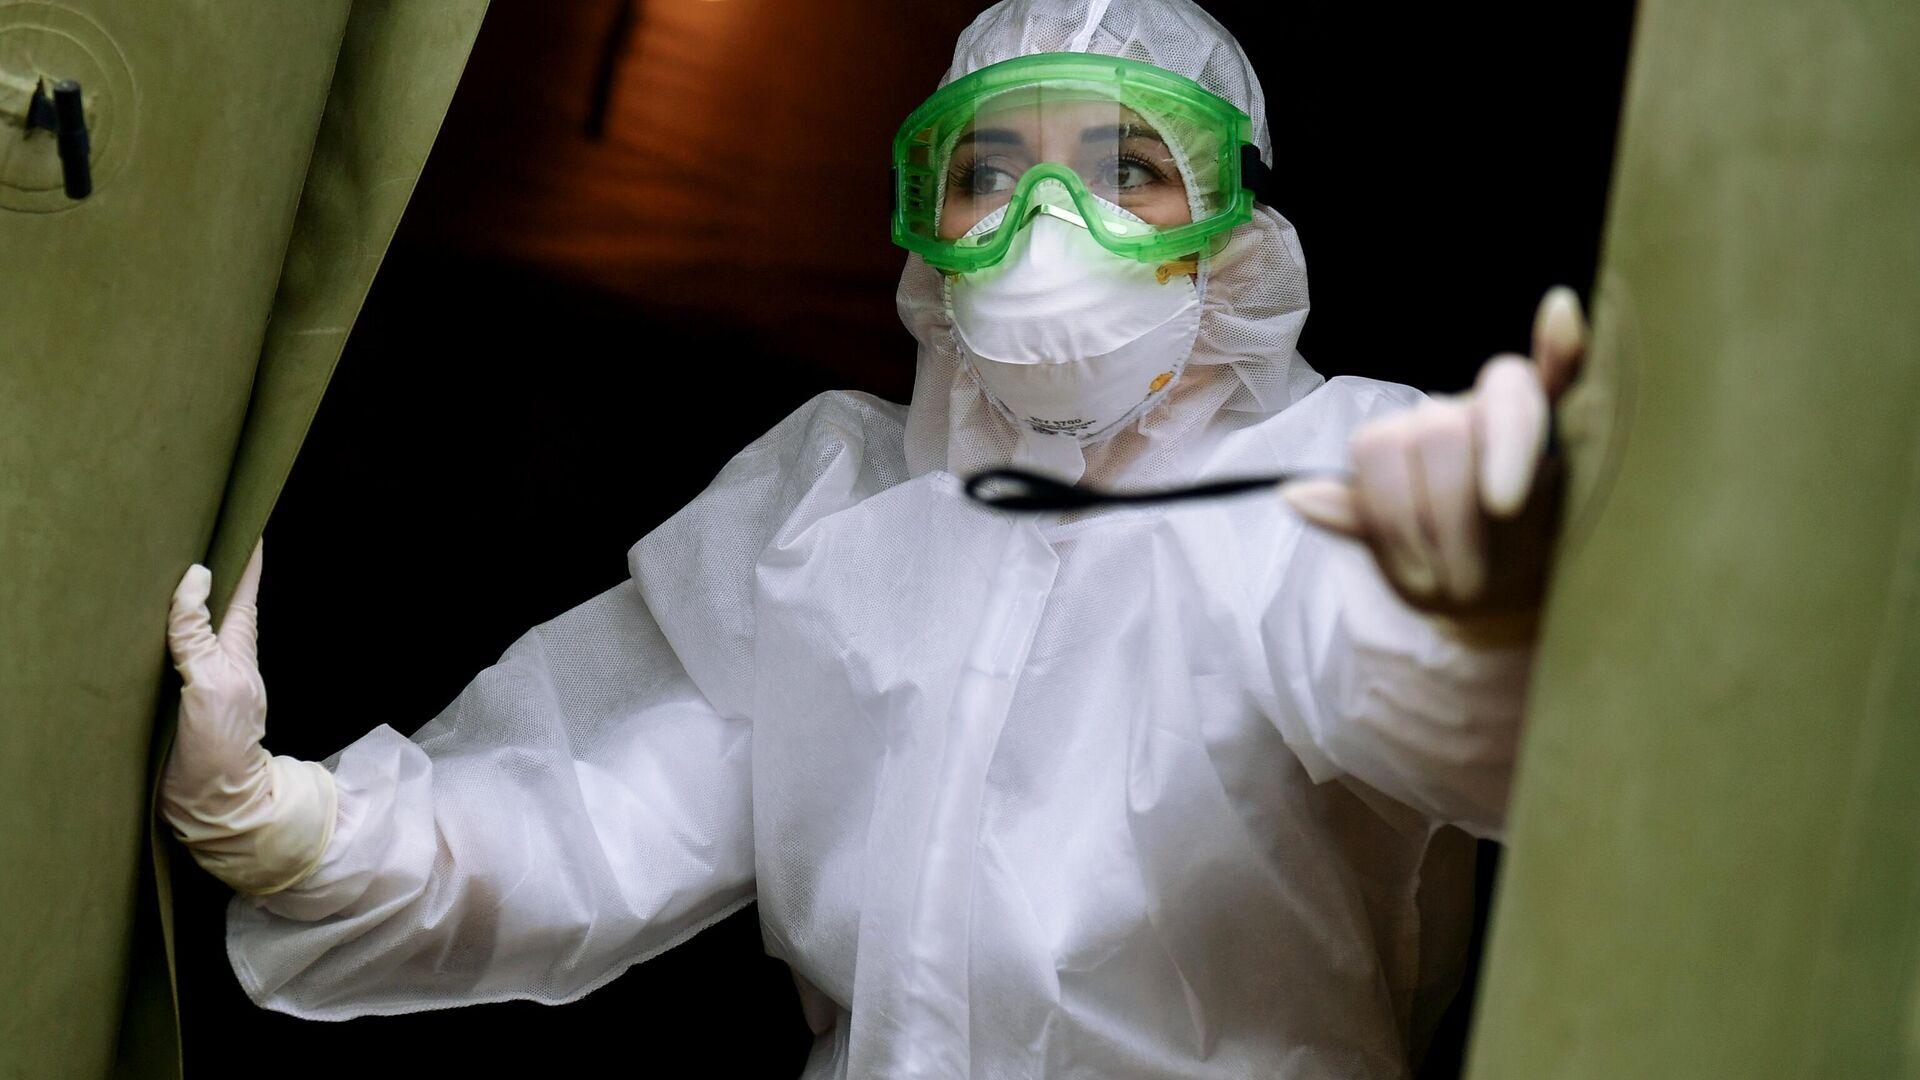 Медицинский работник мобильного госпиталя Минобороны для лечения больных с коронавирусом в Симферополе - РИА Новости, 1920, 05.01.2021